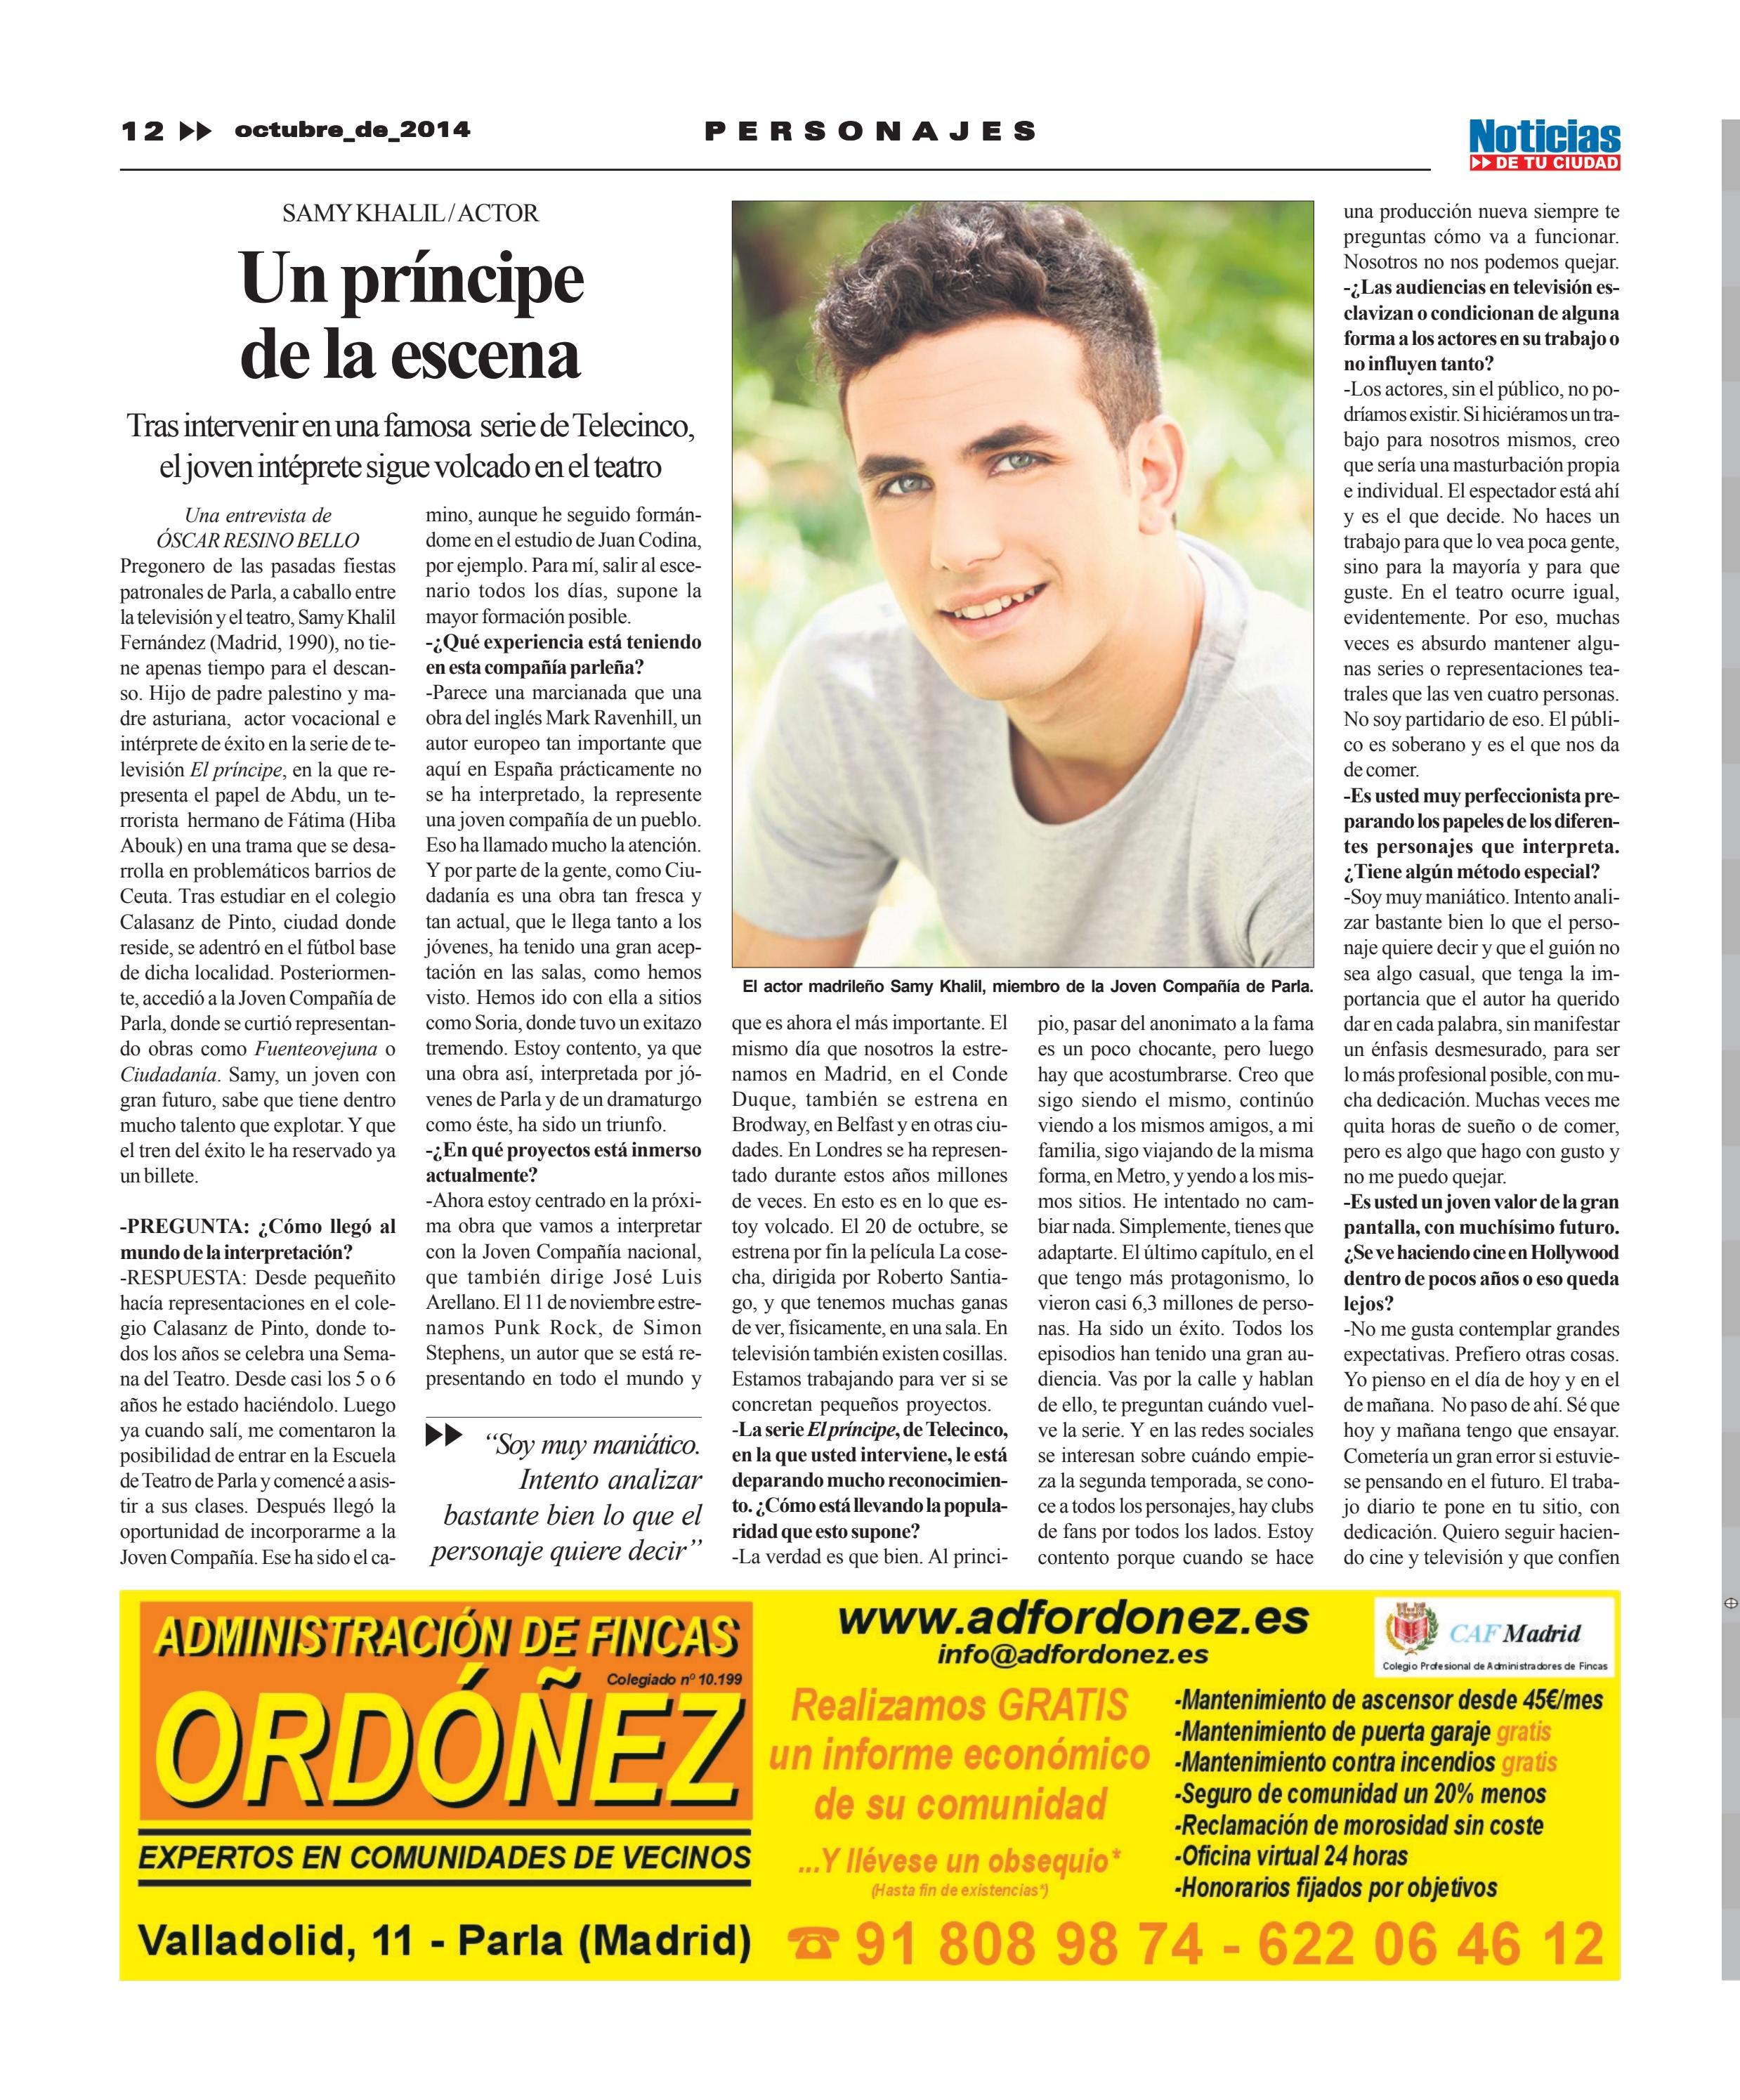 Entrevista al actor Samy Khalil (Octubre'2014)